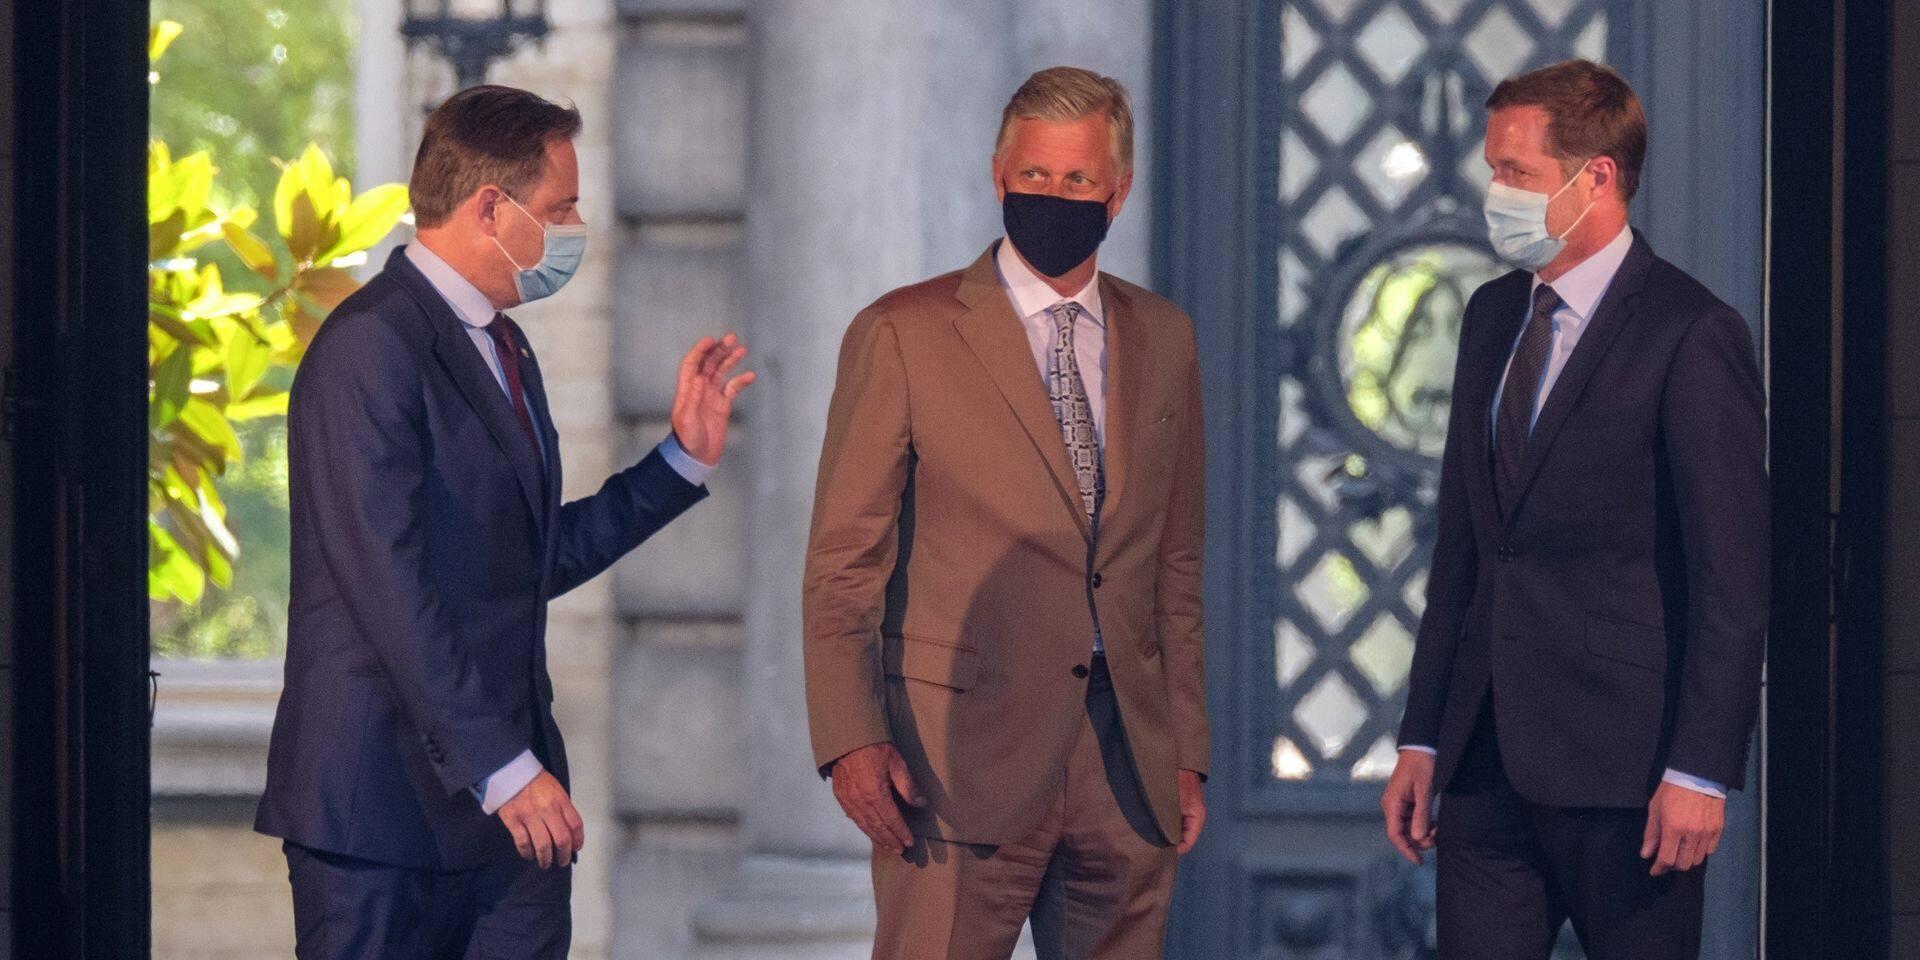 """""""Une mauvaise idée"""", """"On fuirait les responsabilités""""... Les potentiels plans de De Wever et Magnette déjà critiqués"""